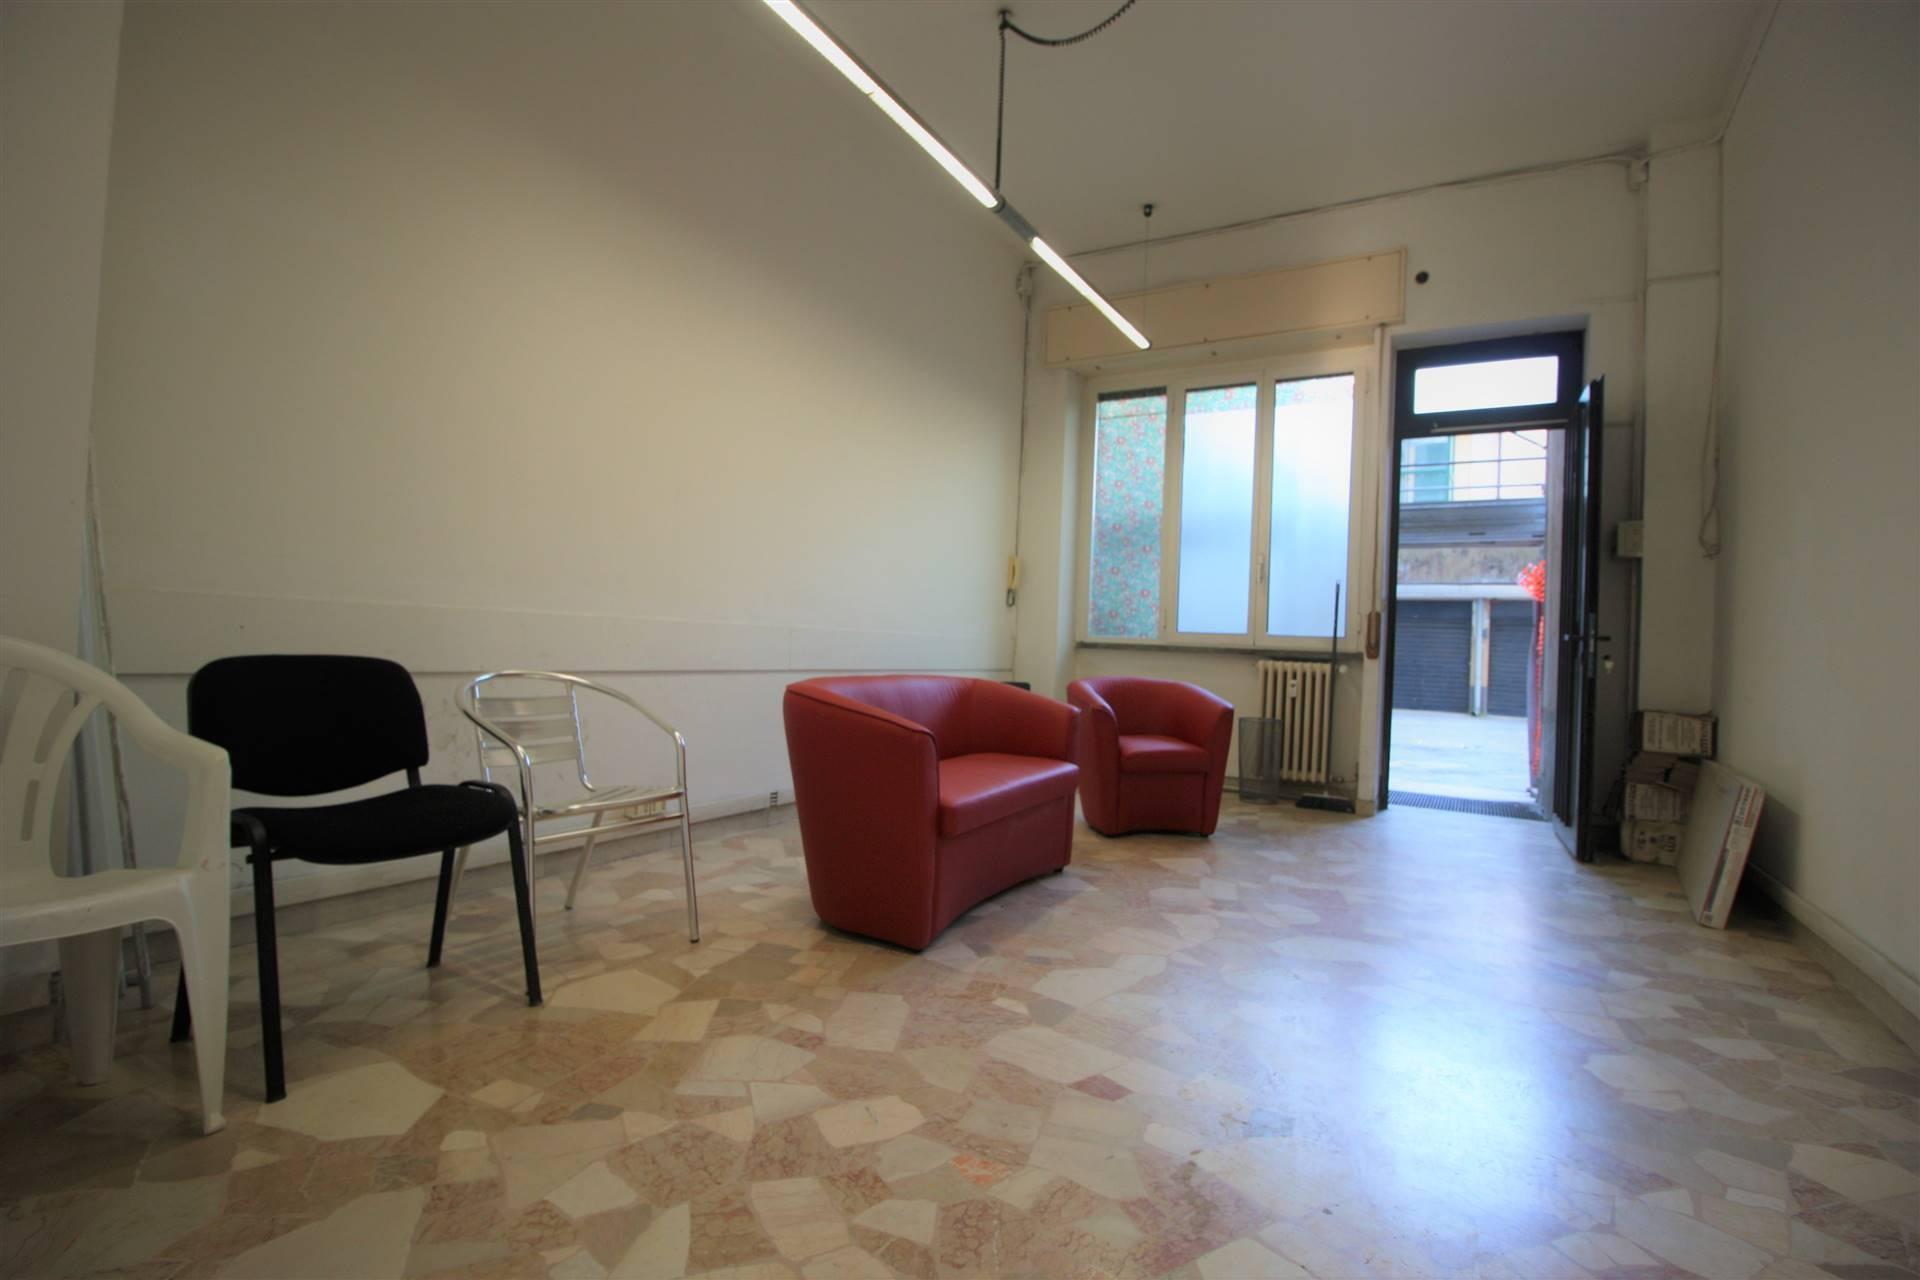 Ufficio in vendita, Cinisello Balsamo centro